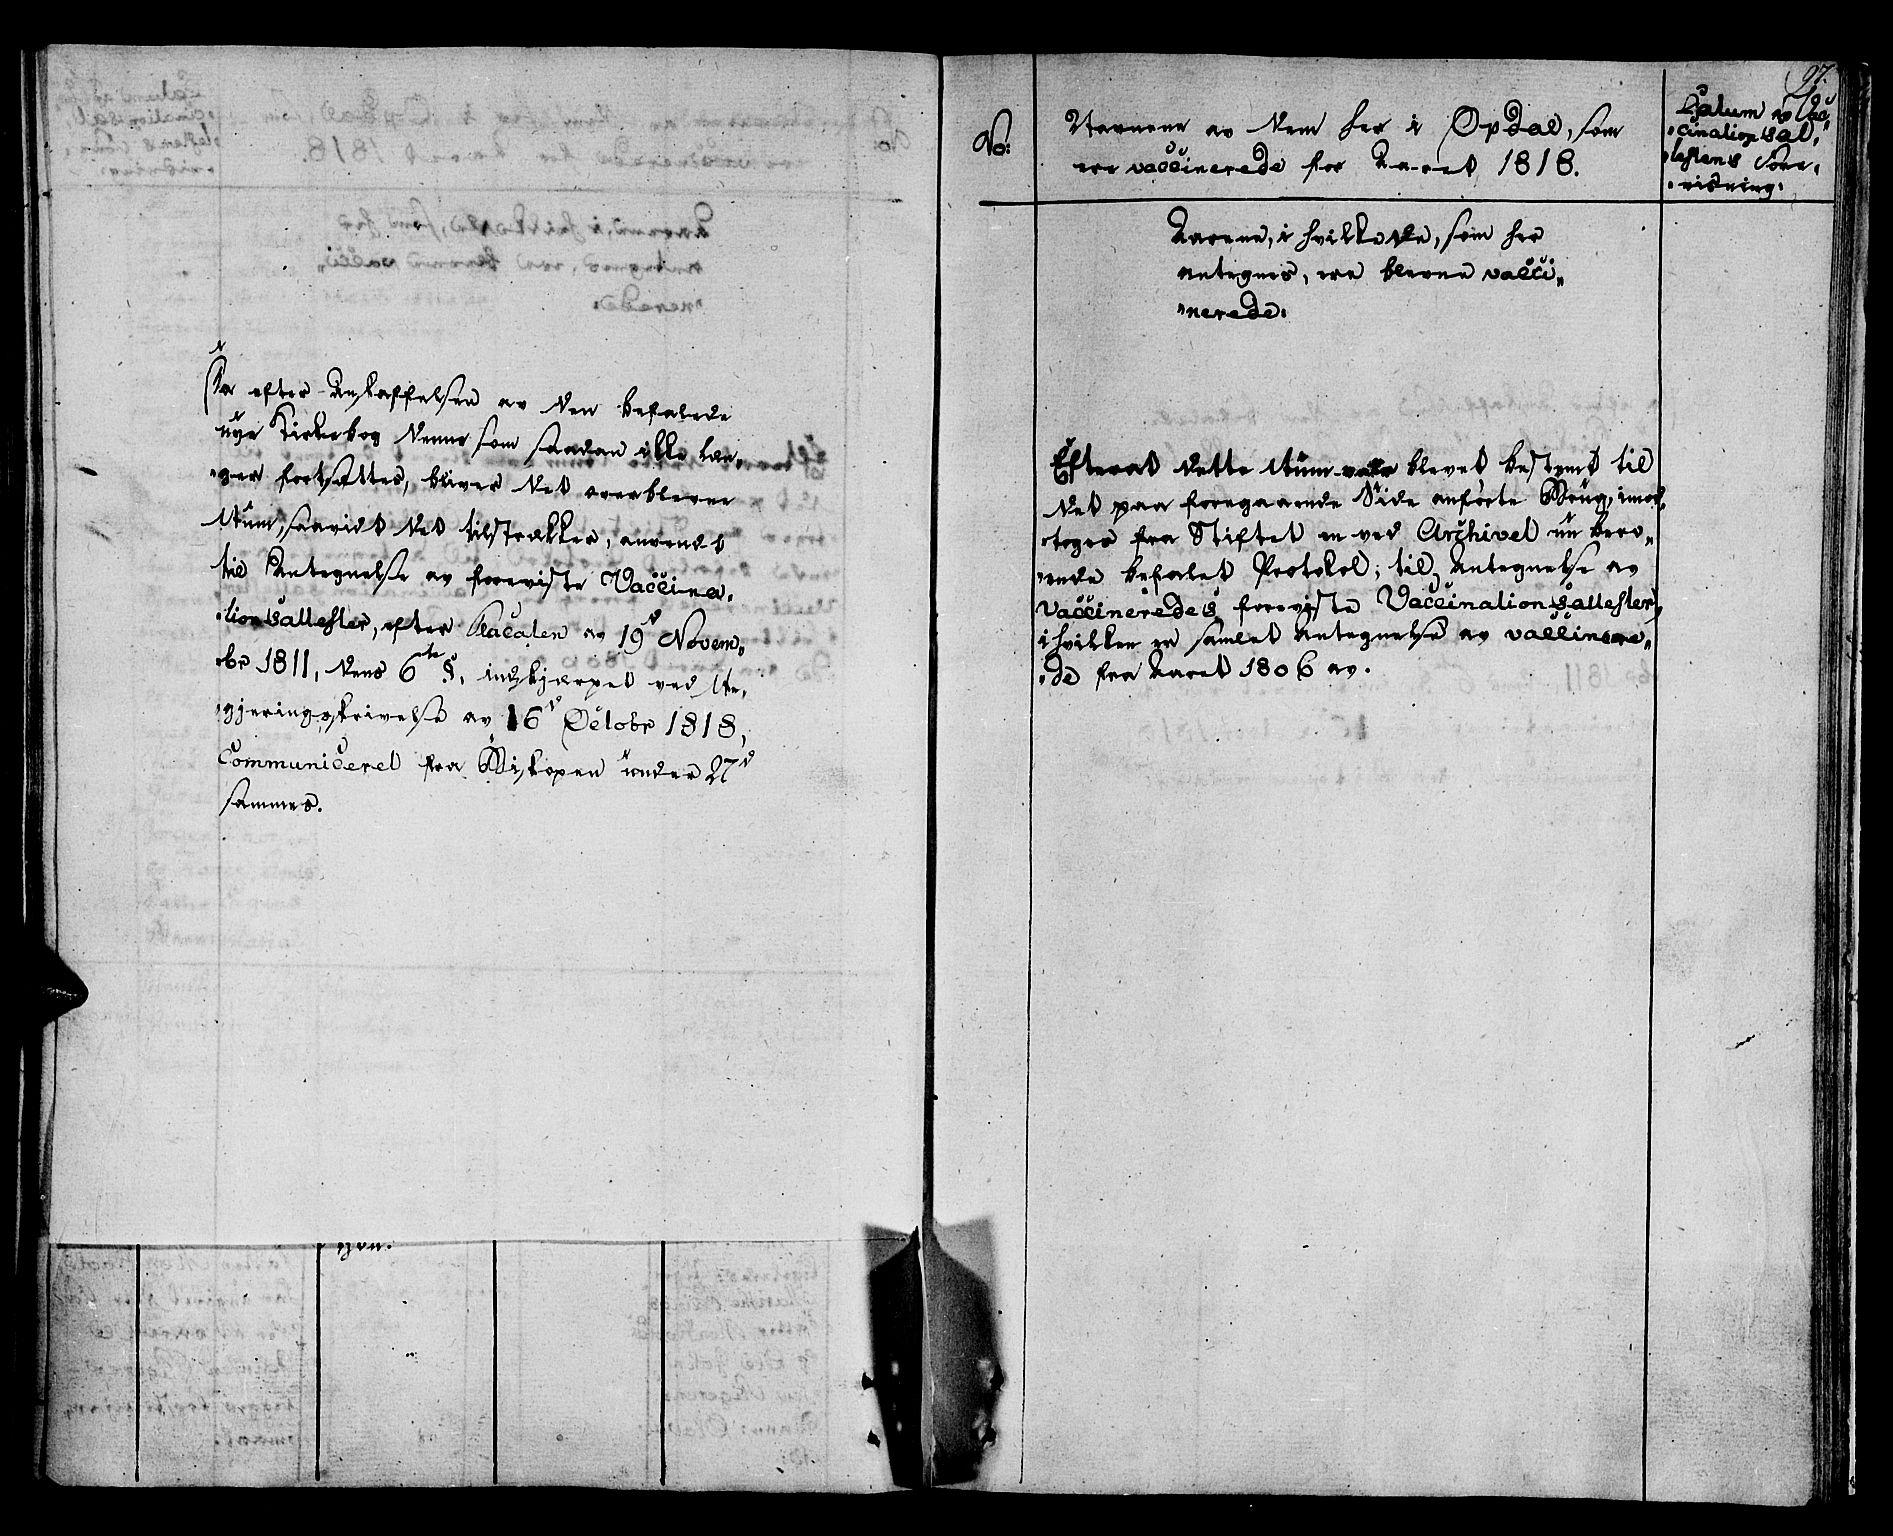 SAT, Ministerialprotokoller, klokkerbøker og fødselsregistre - Sør-Trøndelag, 678/L0894: Ministerialbok nr. 678A04, 1806-1815, s. 97